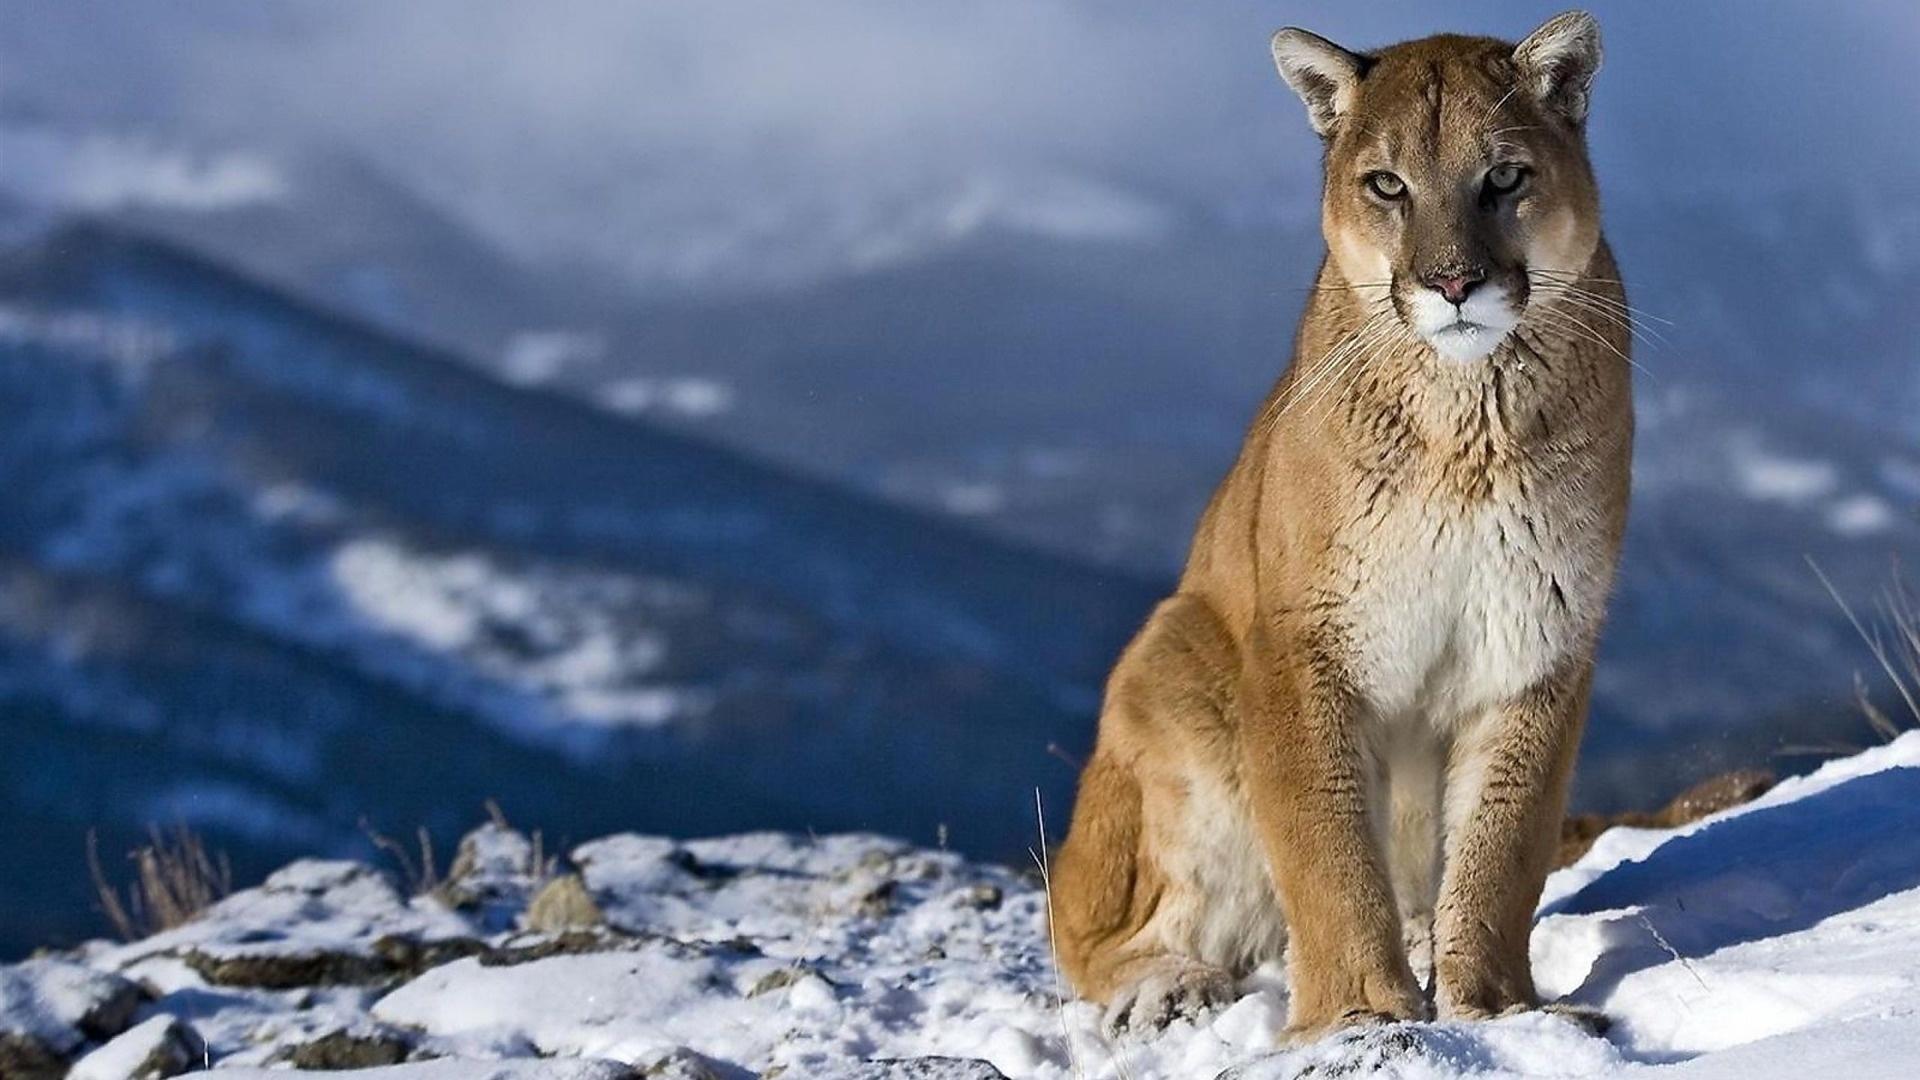 Mountain Lion desktop wallpaper hd